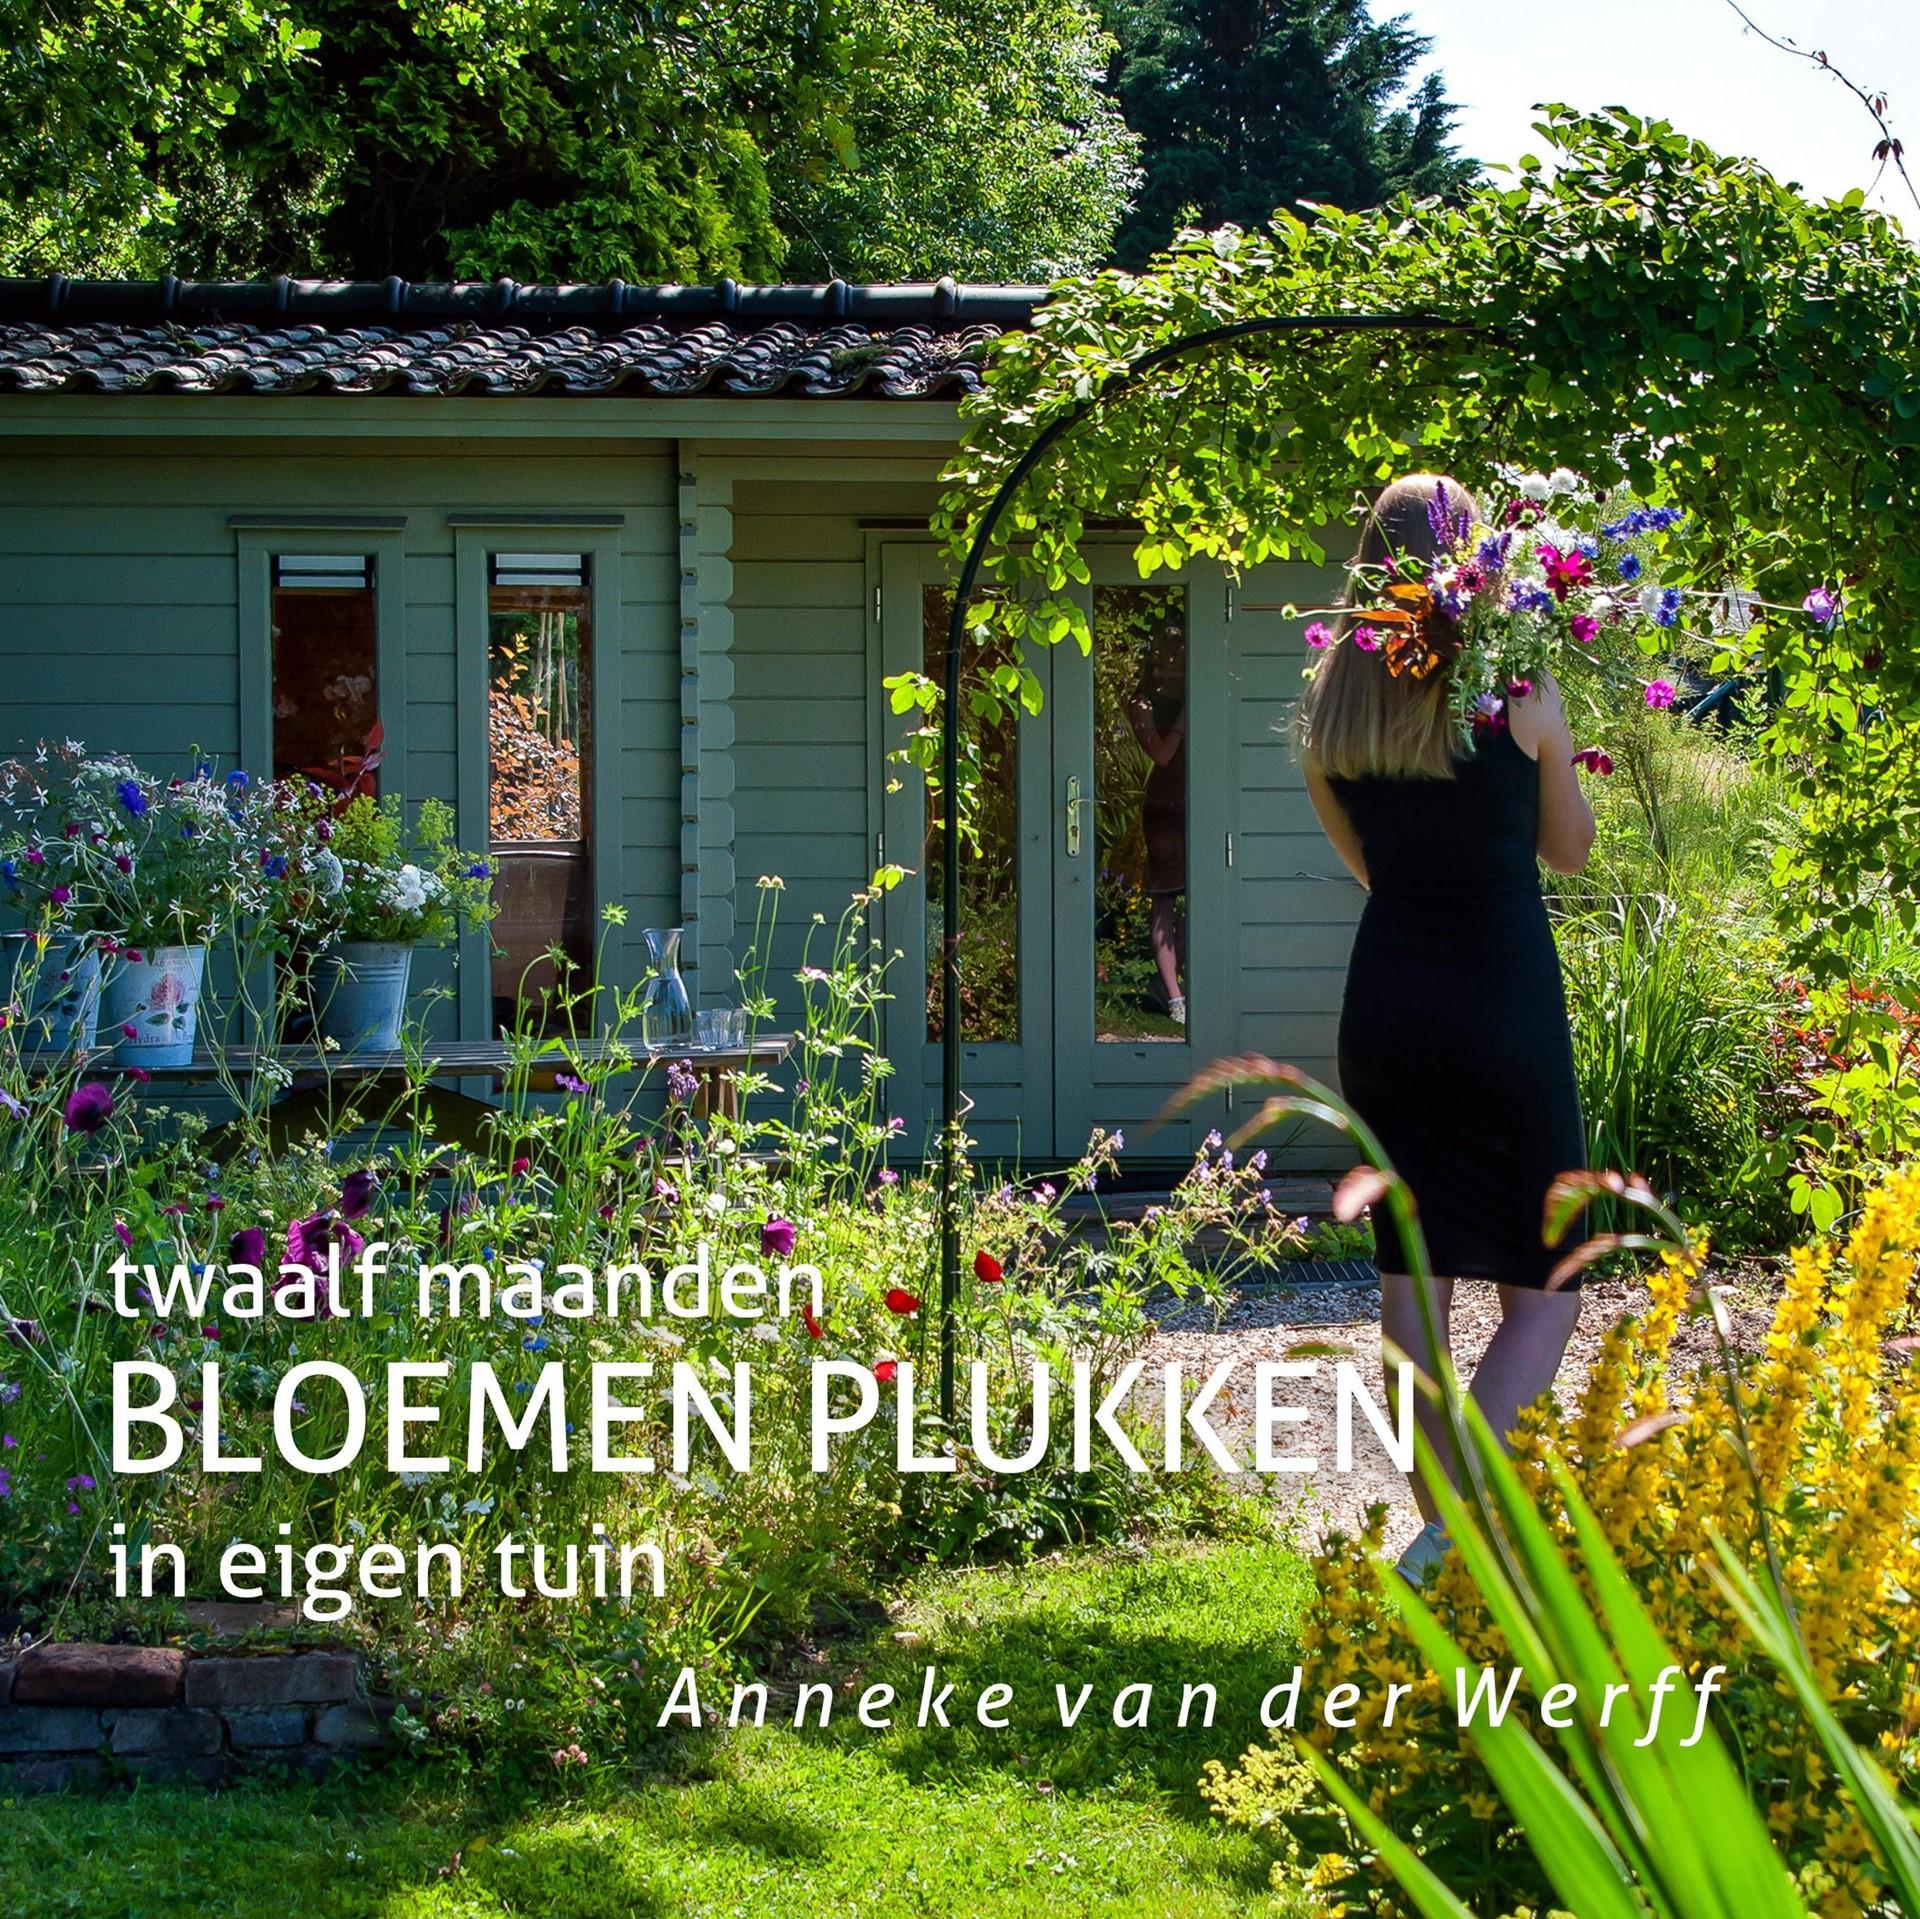 Cover Boek Anneke van der Werff - twaalf maanden BLOEMEN PLUKKEN in eigen tuin.jpeg